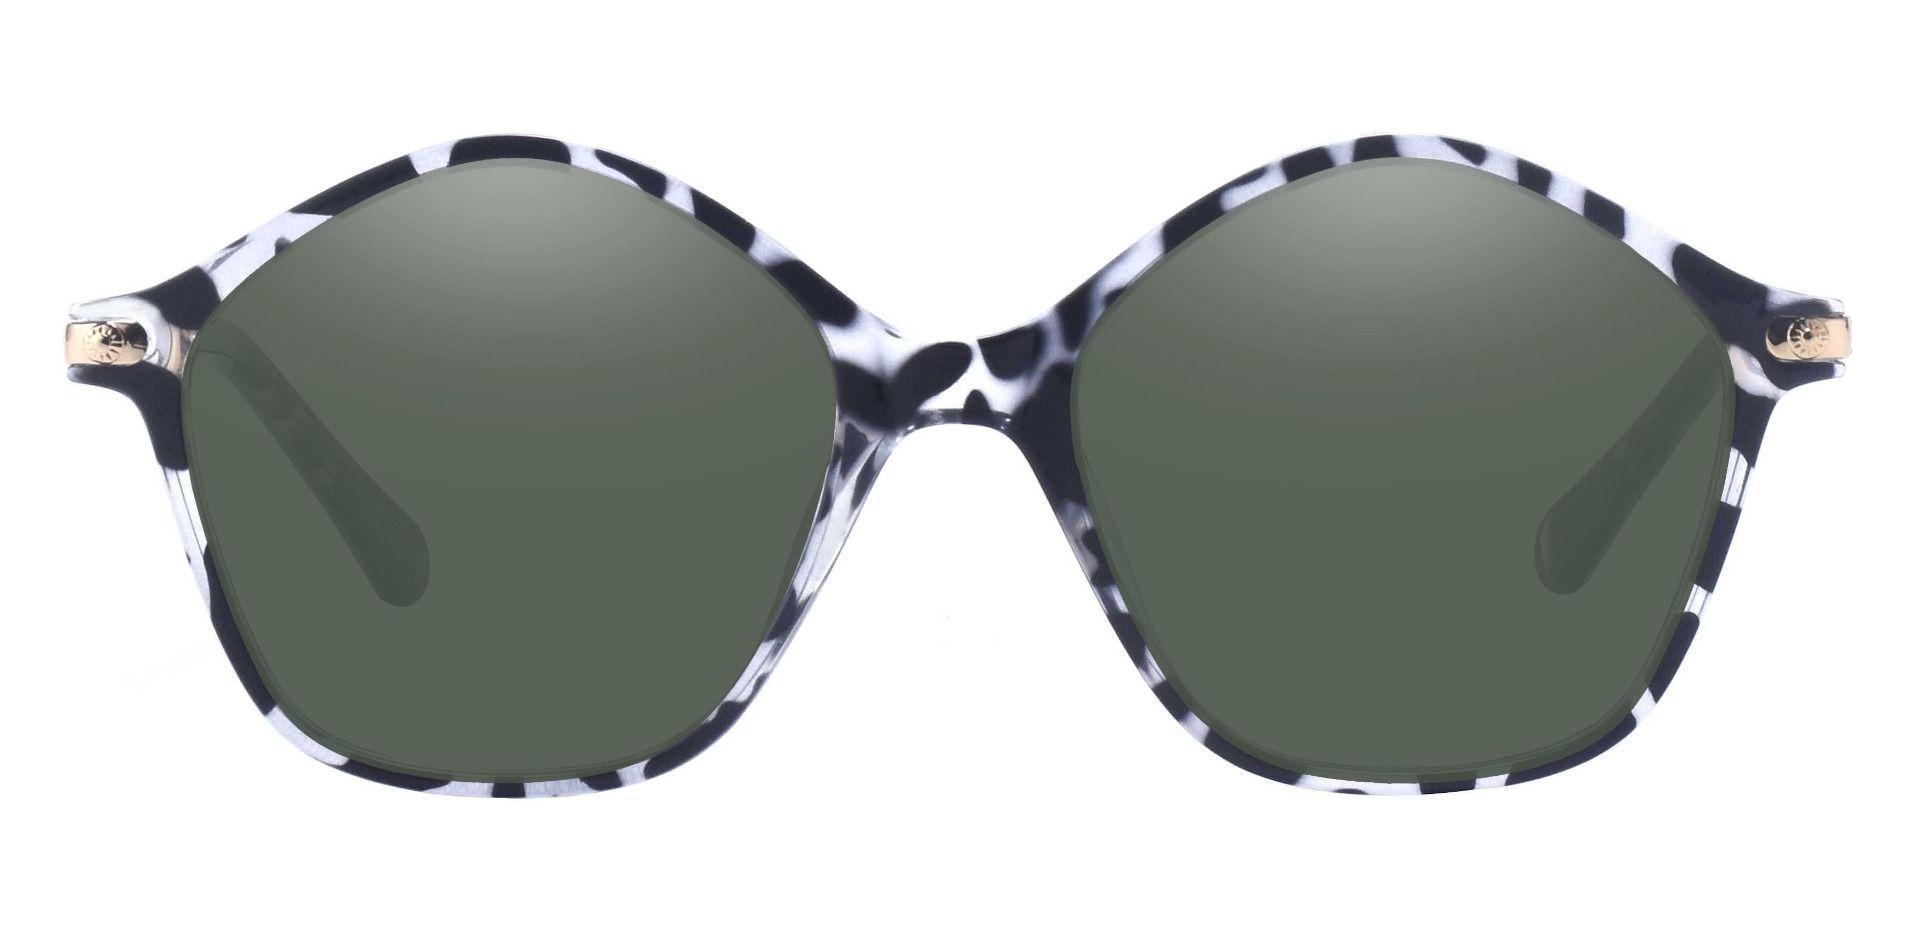 Boulder Geometric Prescription Sunglasses - Tortoise Frame With Green Lenses